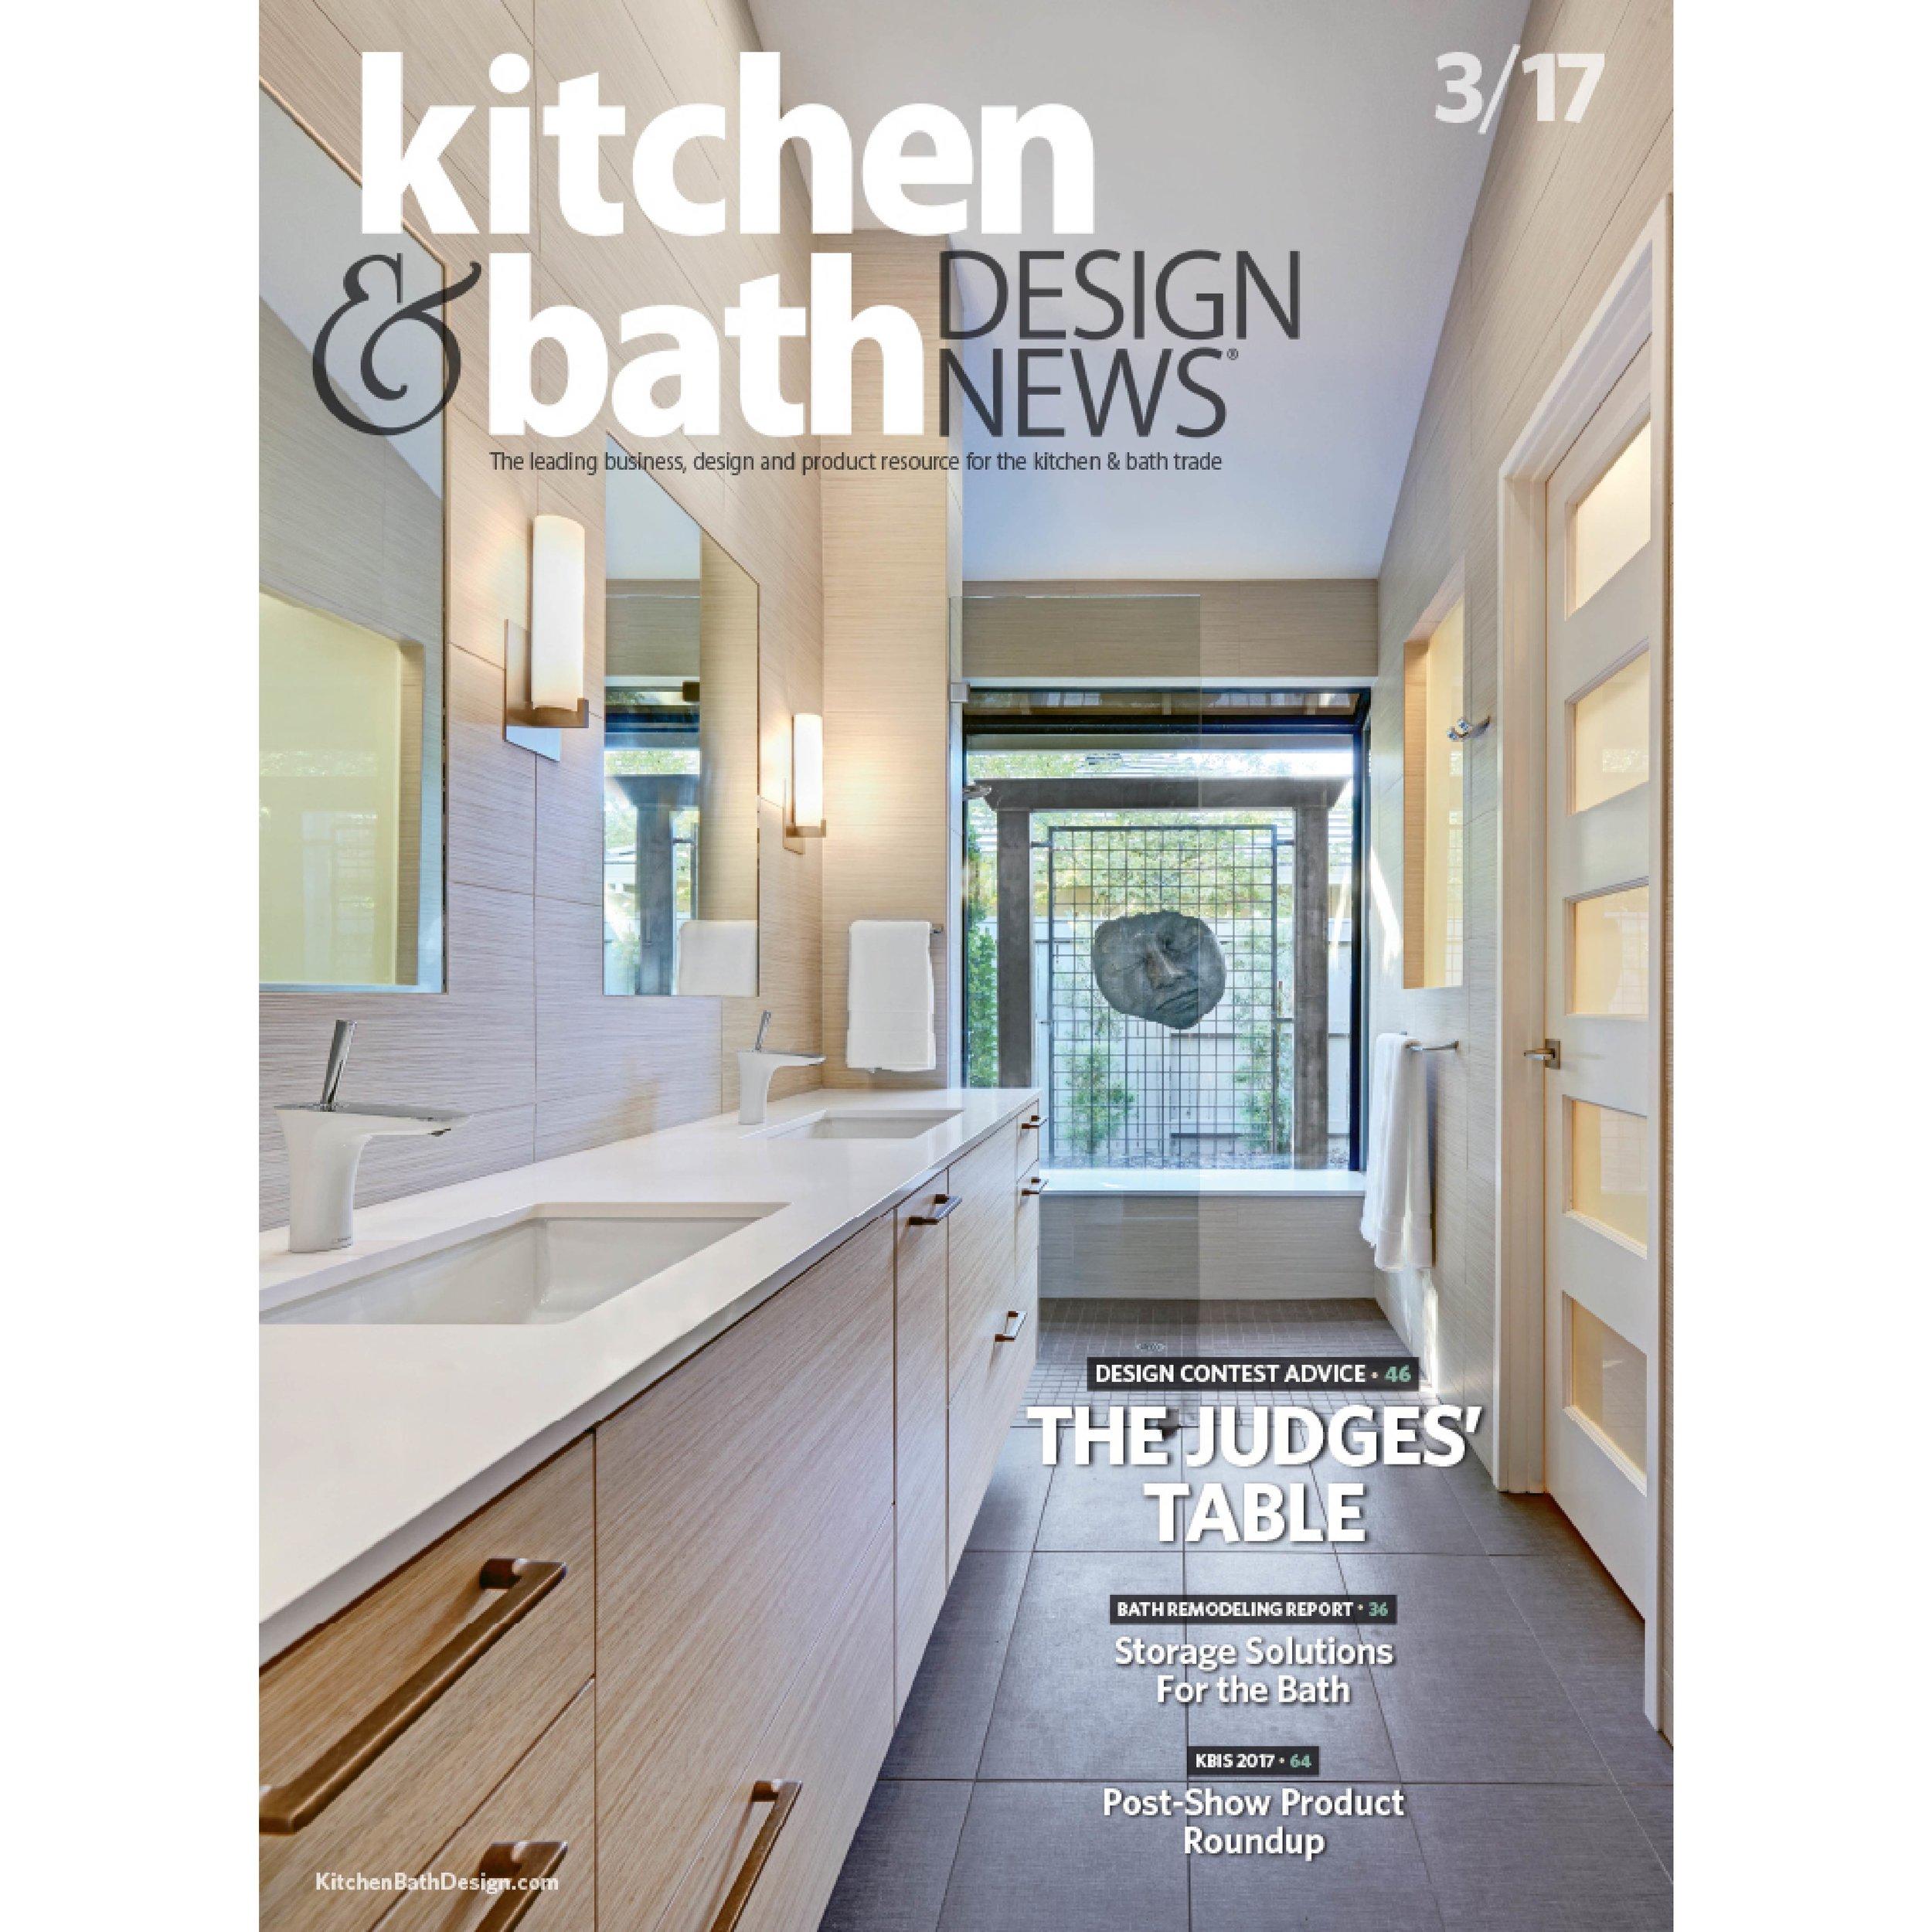 Kitchen & Bath Design News March 2017